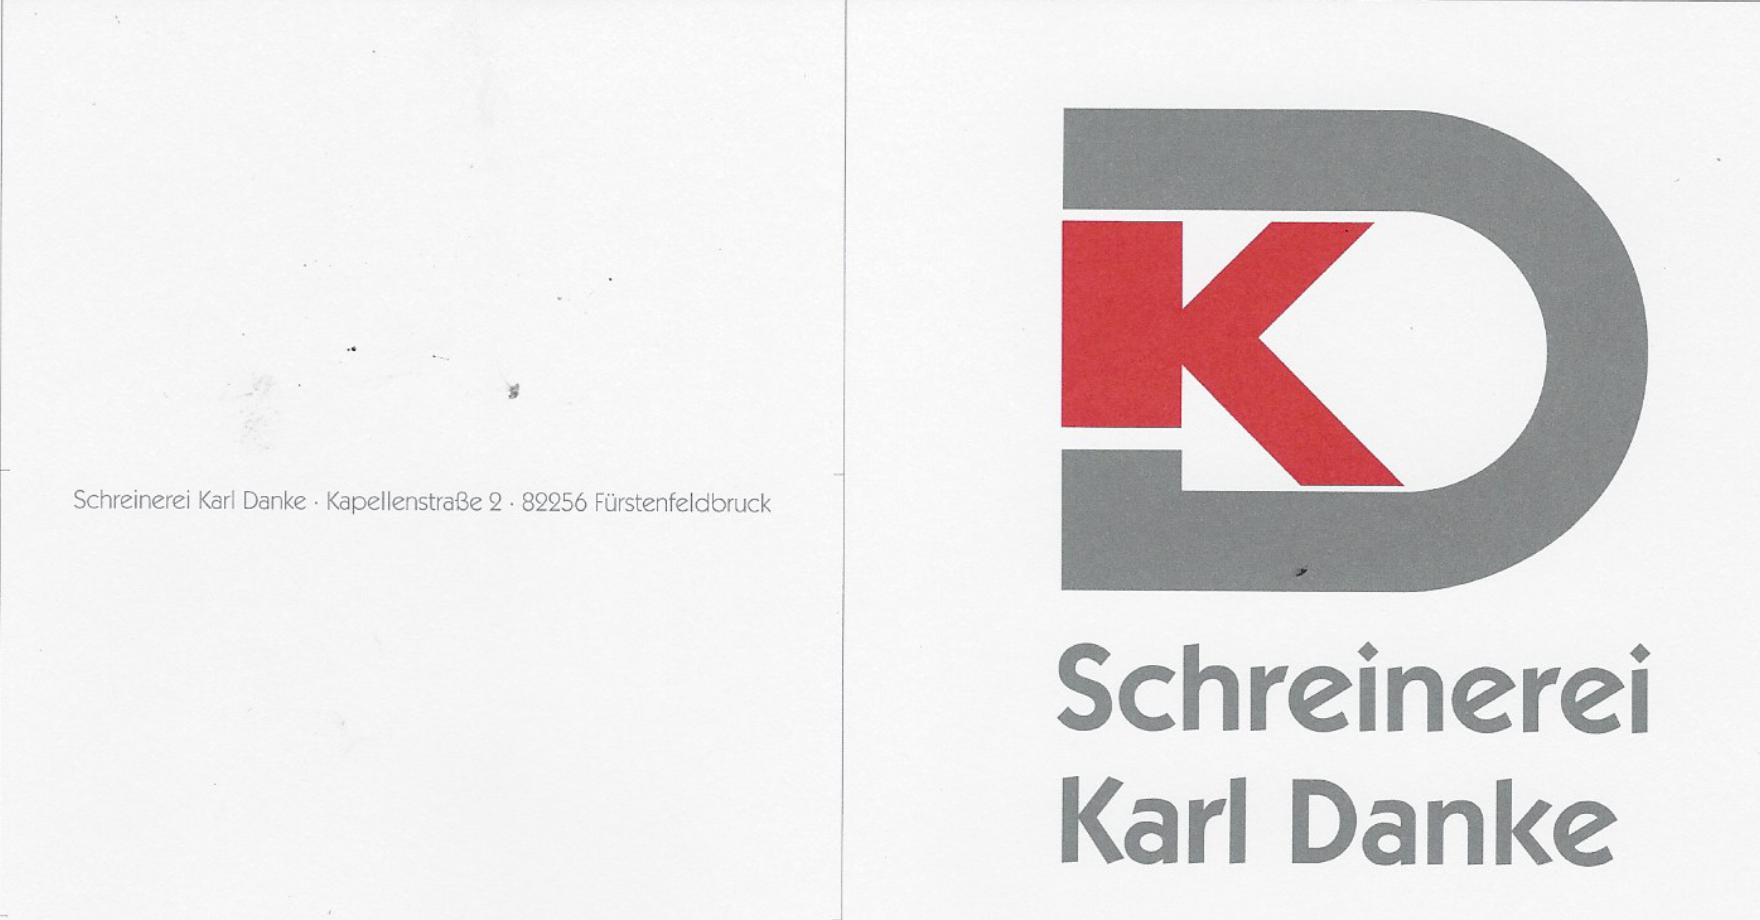 Karl-Danke